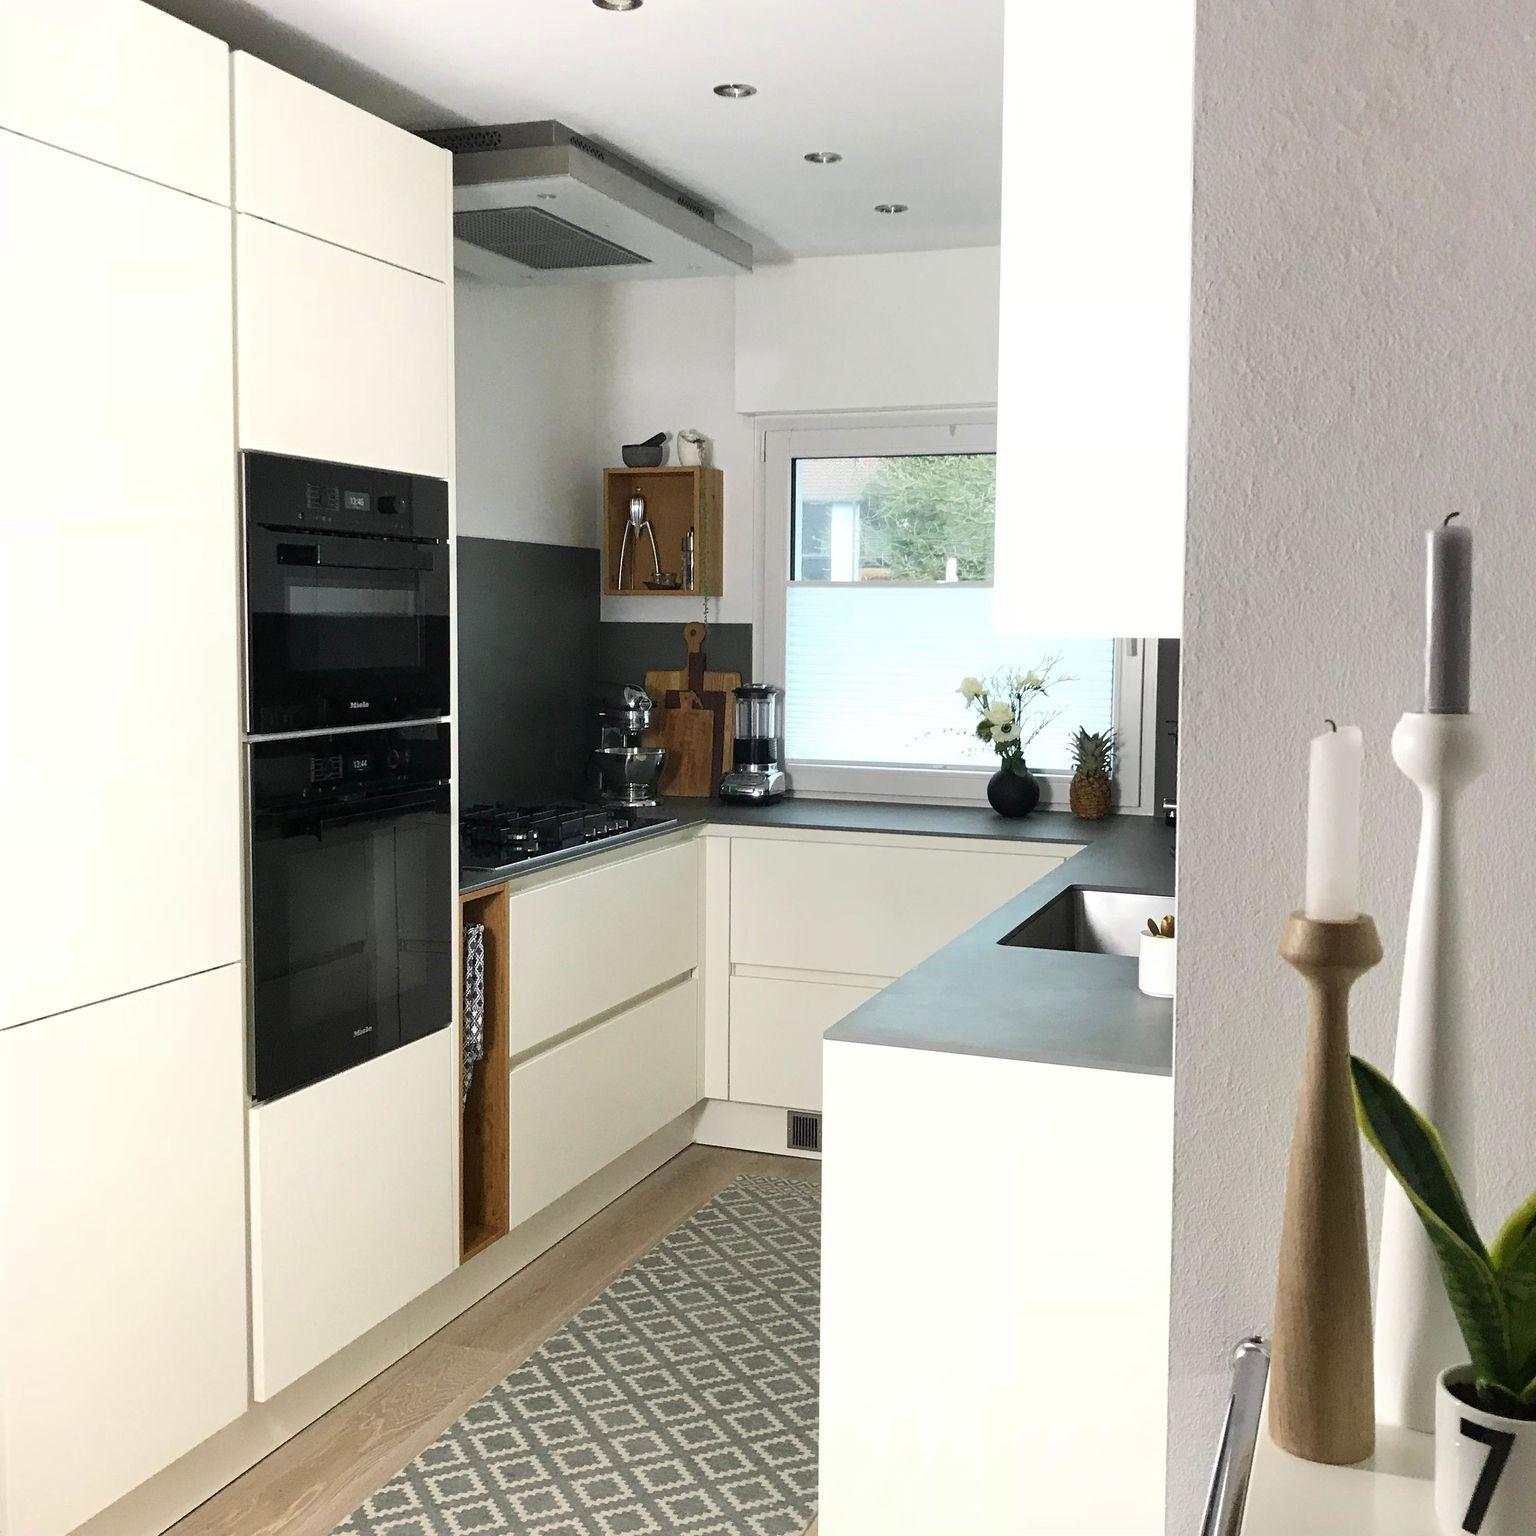 kleineküche küche griffloseküche happyplace Kleine